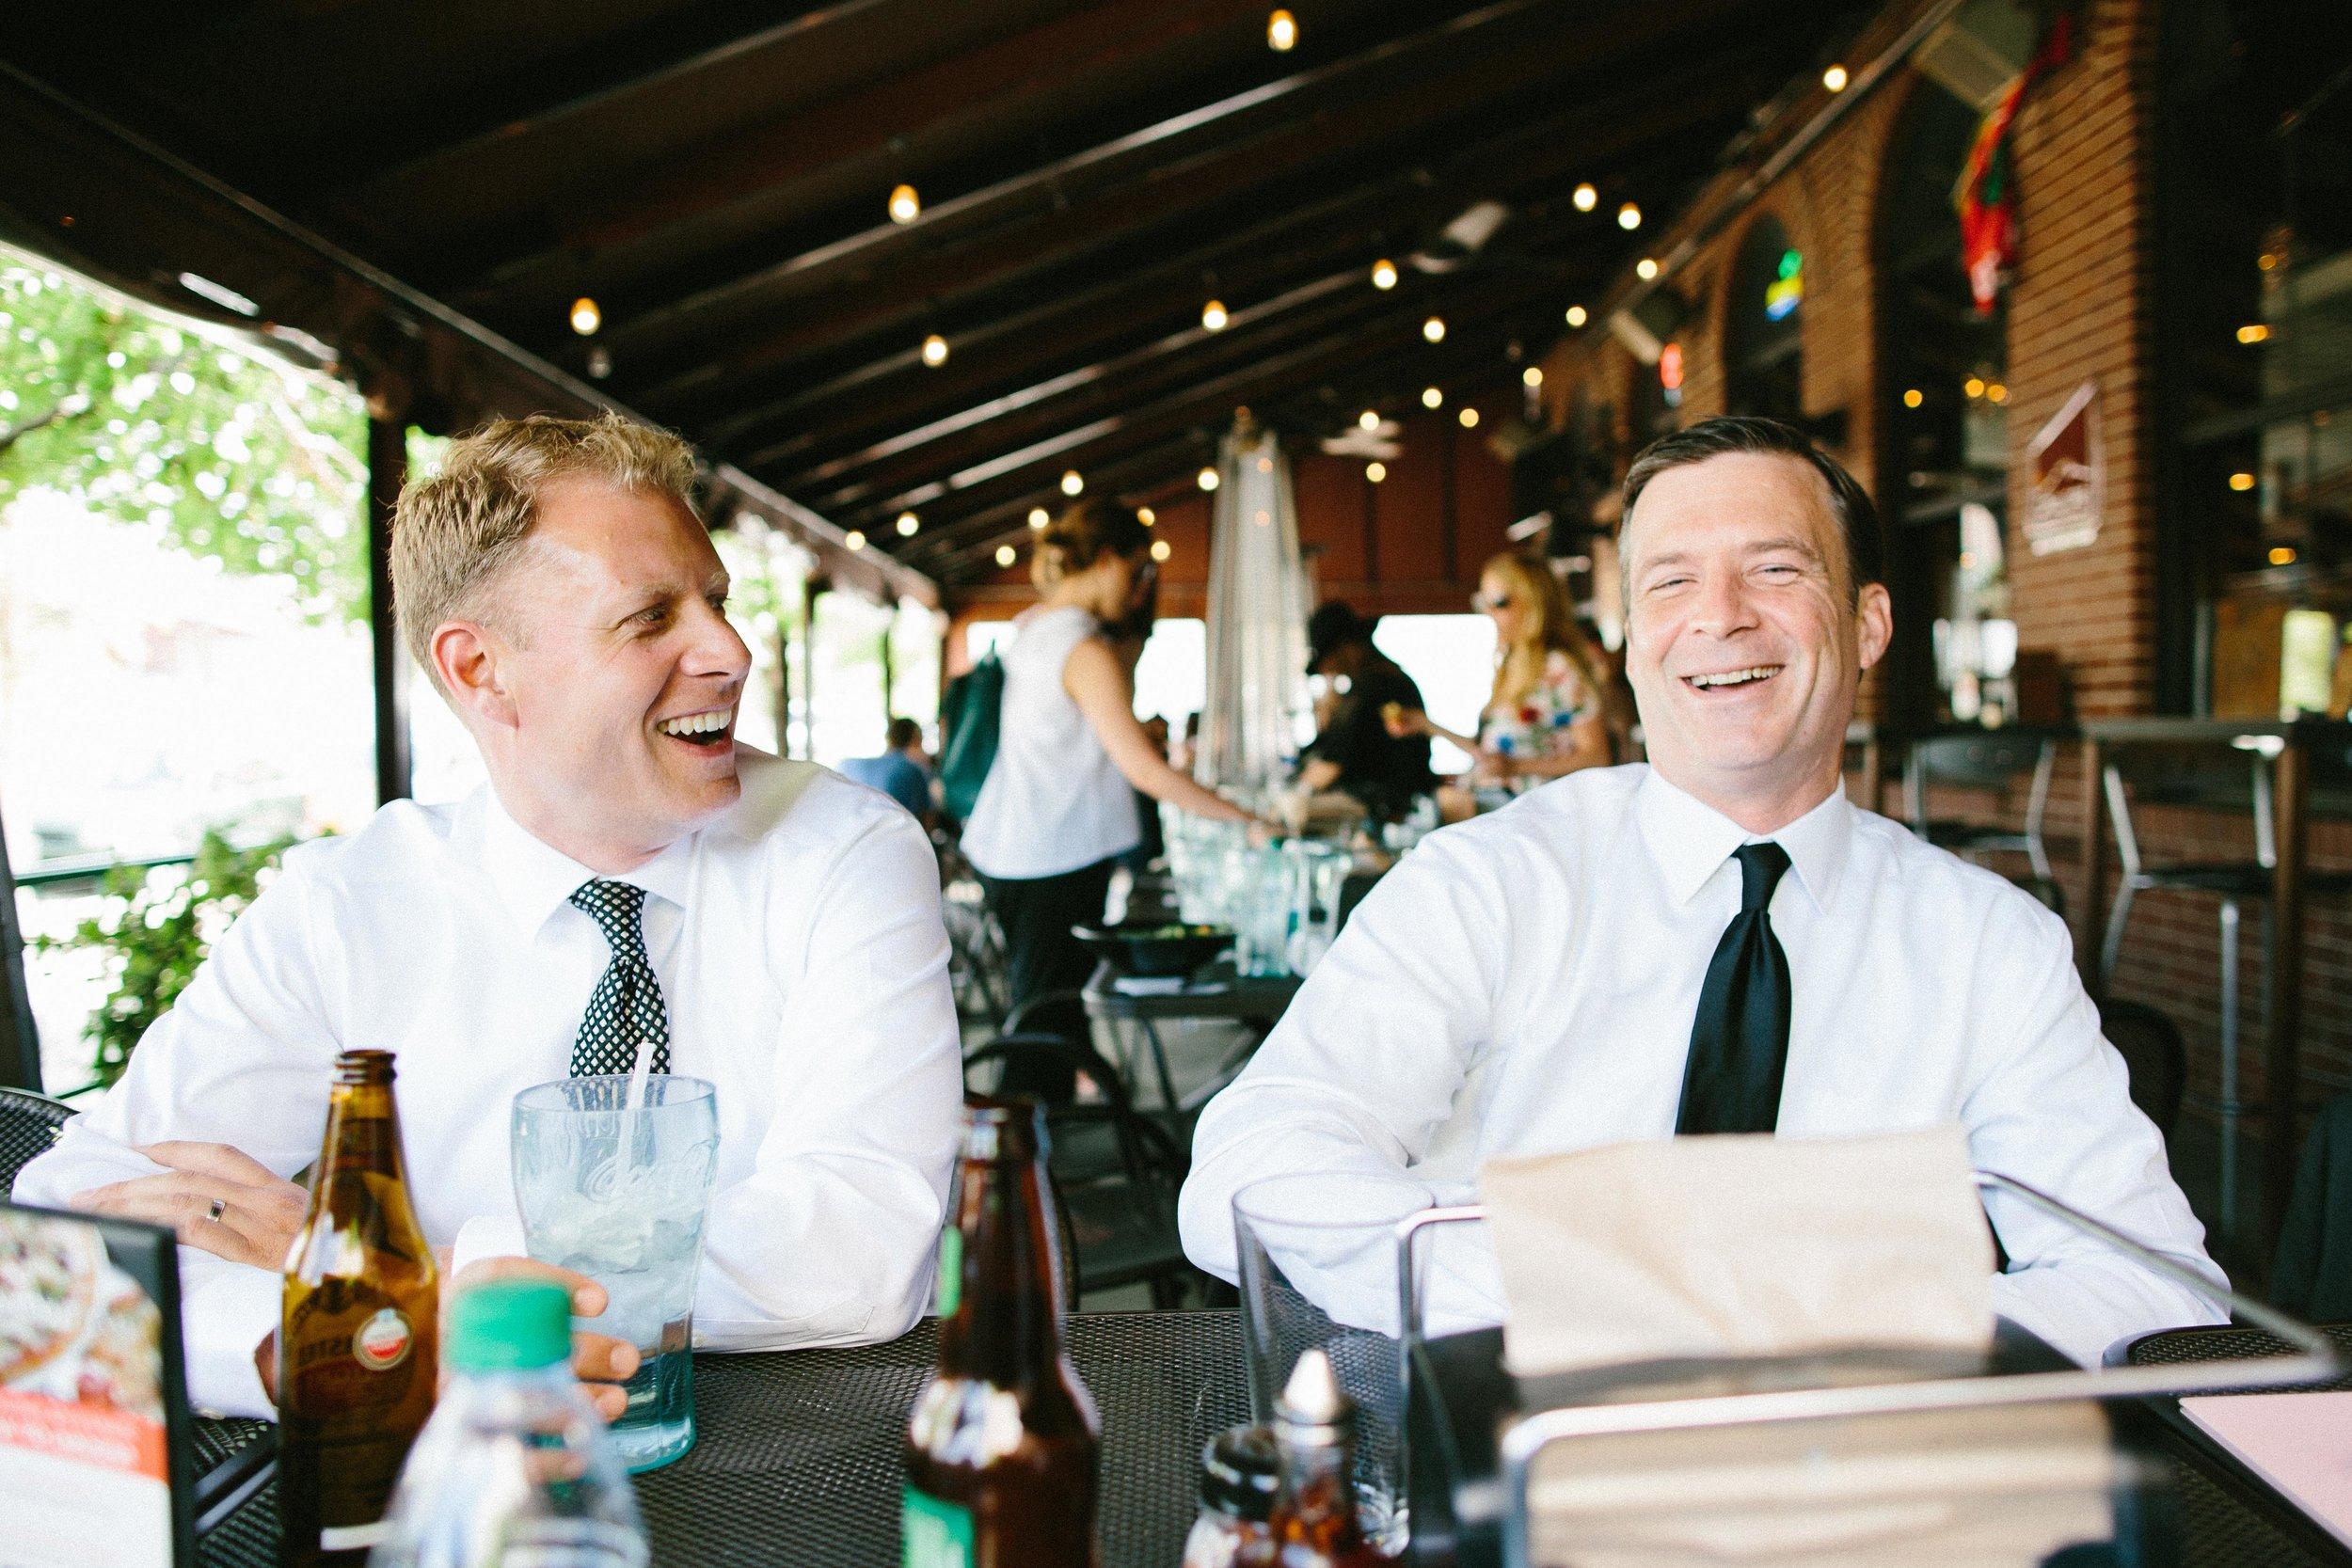 MP_16.05.21_Tina-&-Brad-Wedding-9356.jpg